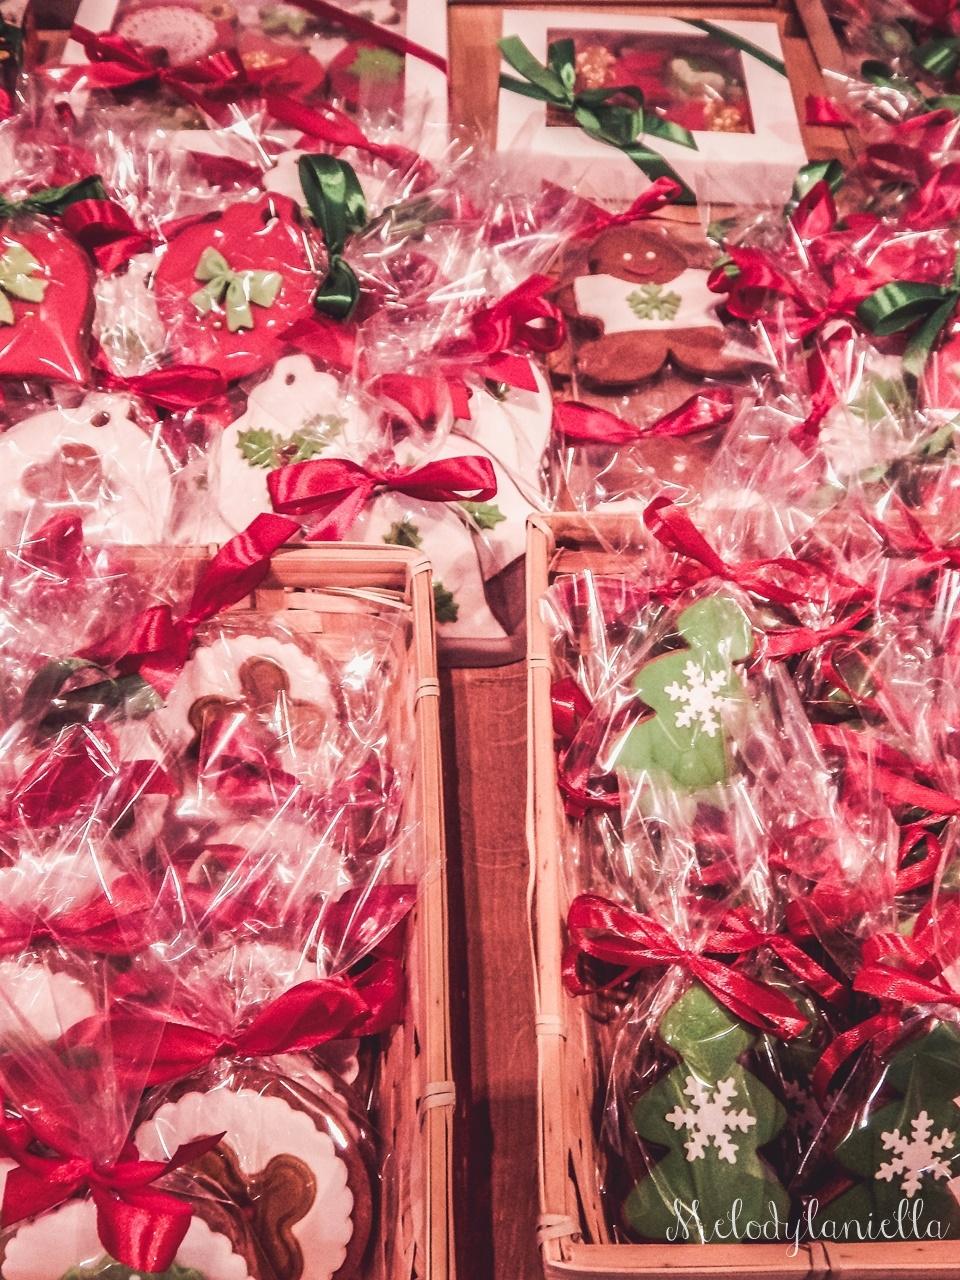 2 nietypowy jarmark świąteczny piotrkowska 217 co dzieje się w łodzi dwukropek ogrody zofii bożonarodzeniowy jarmark targ świąteczny świat z lukru pierniki świąteczne łódź biżuteria handmade piando zigner